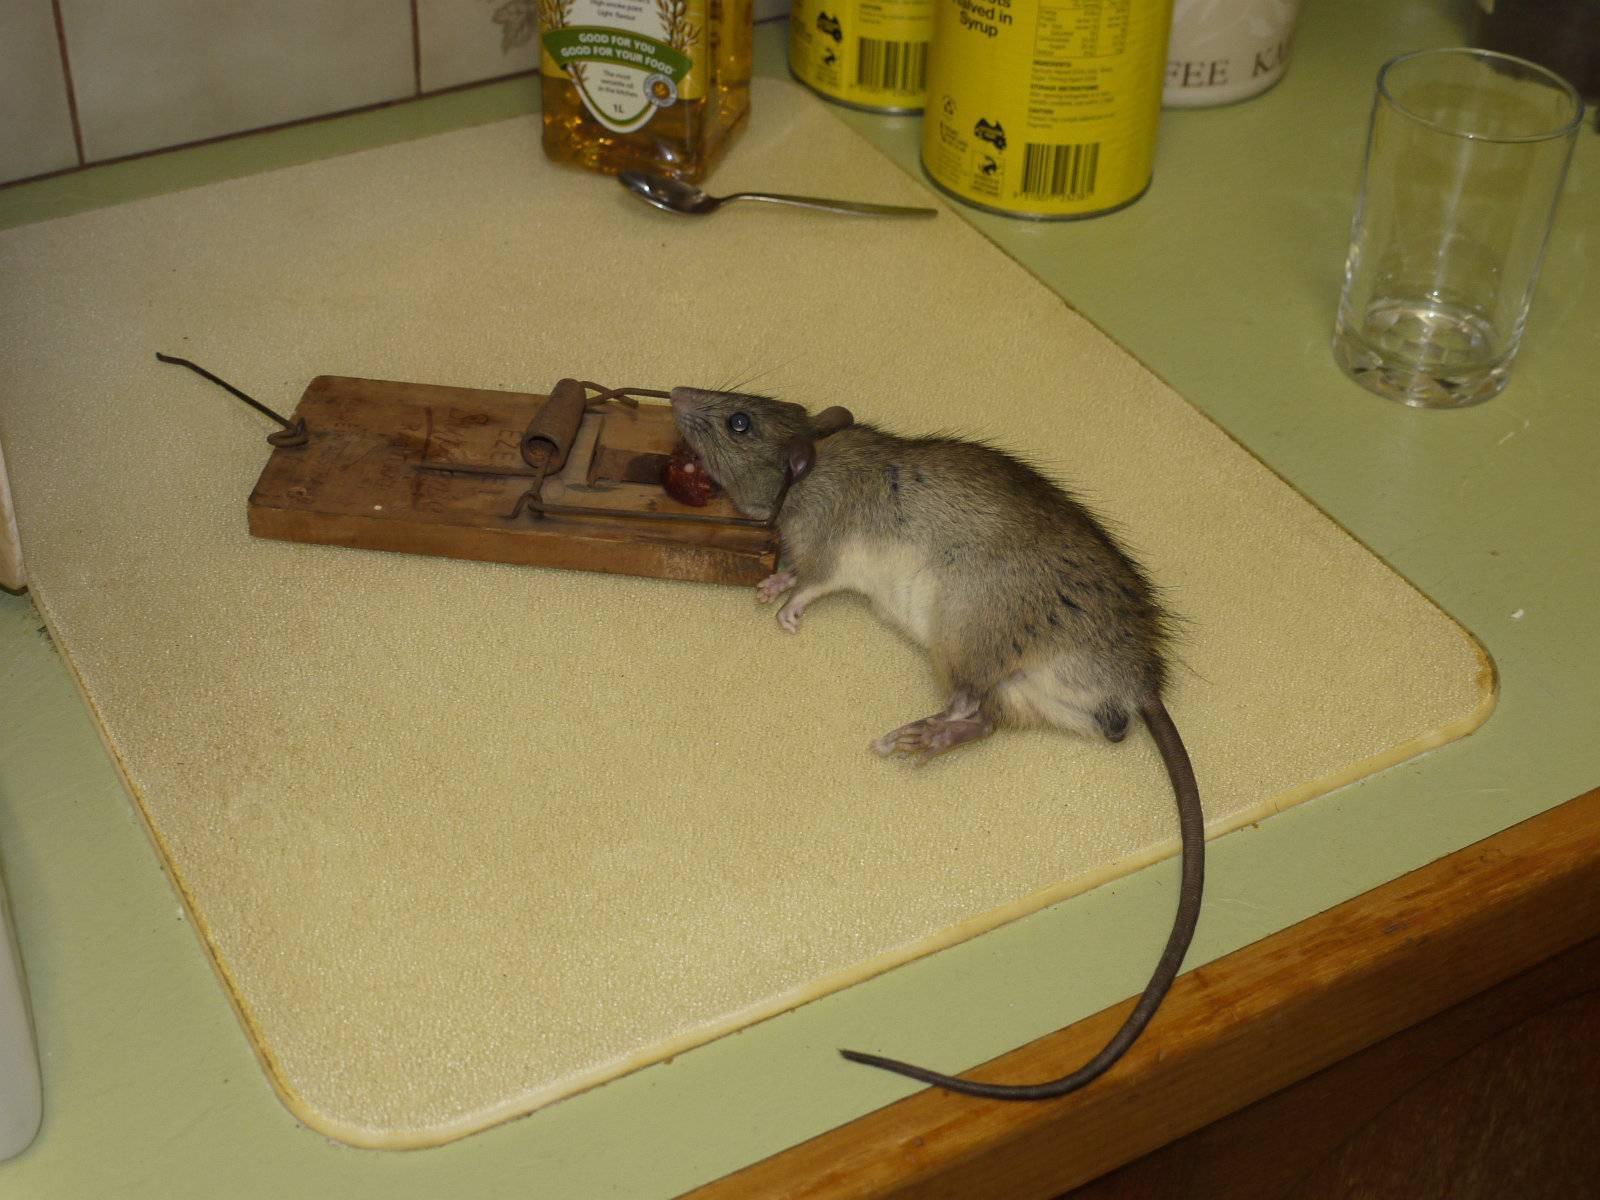 Приманка для мышей в мышеловке, что лучше положить 2020